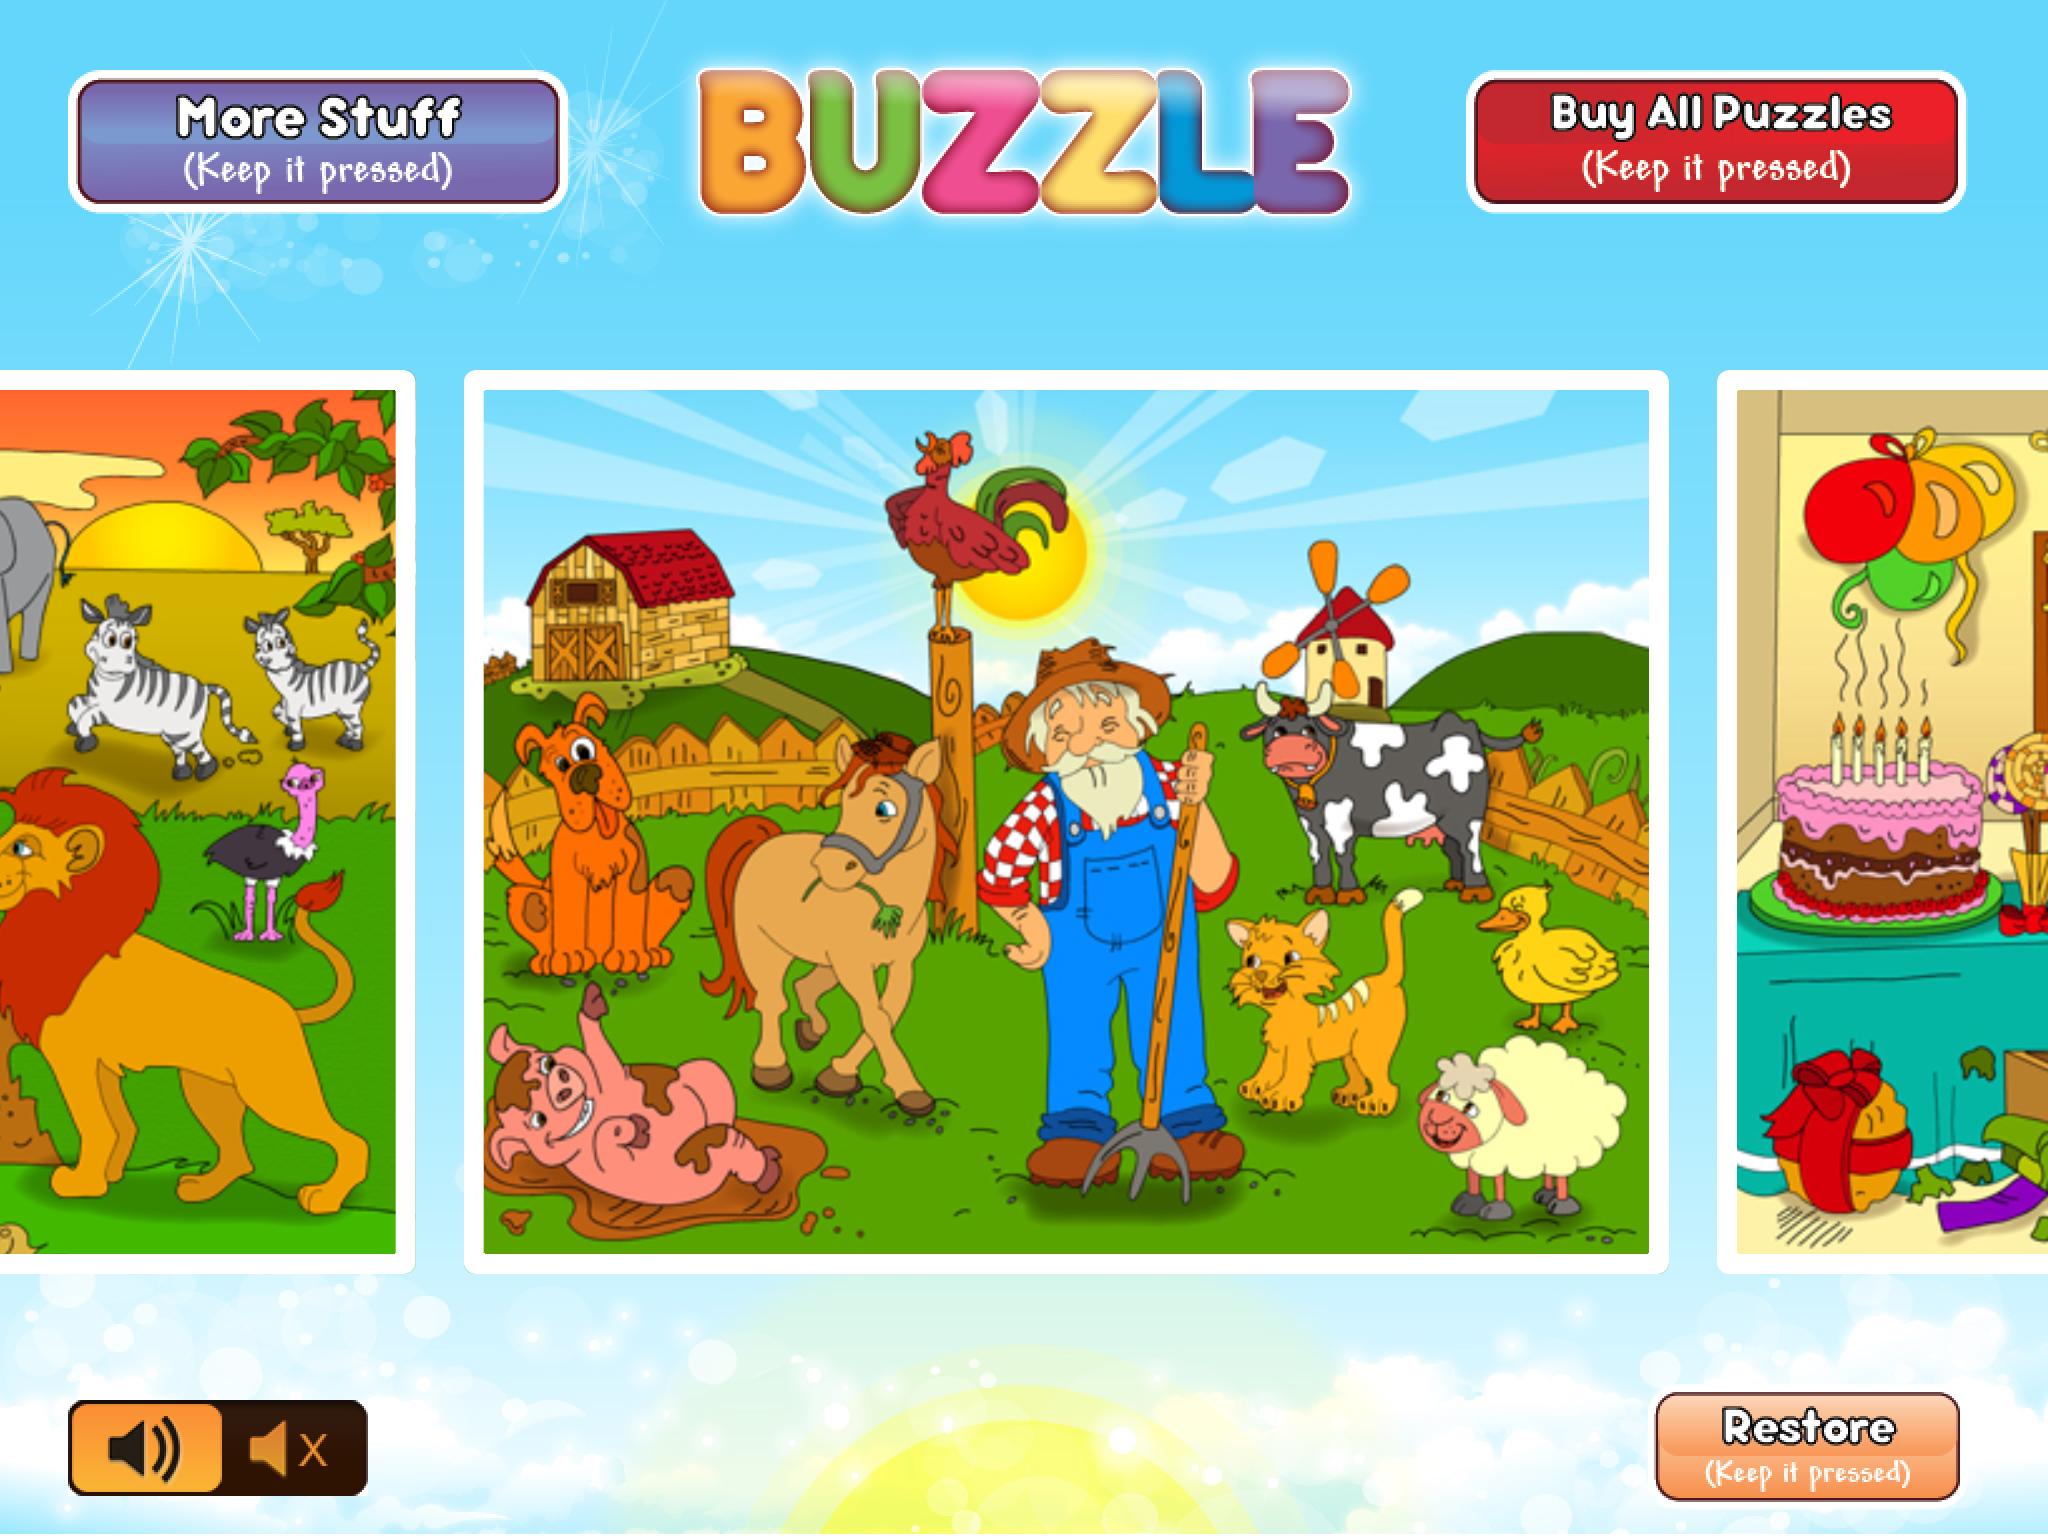 Buzzle dating app